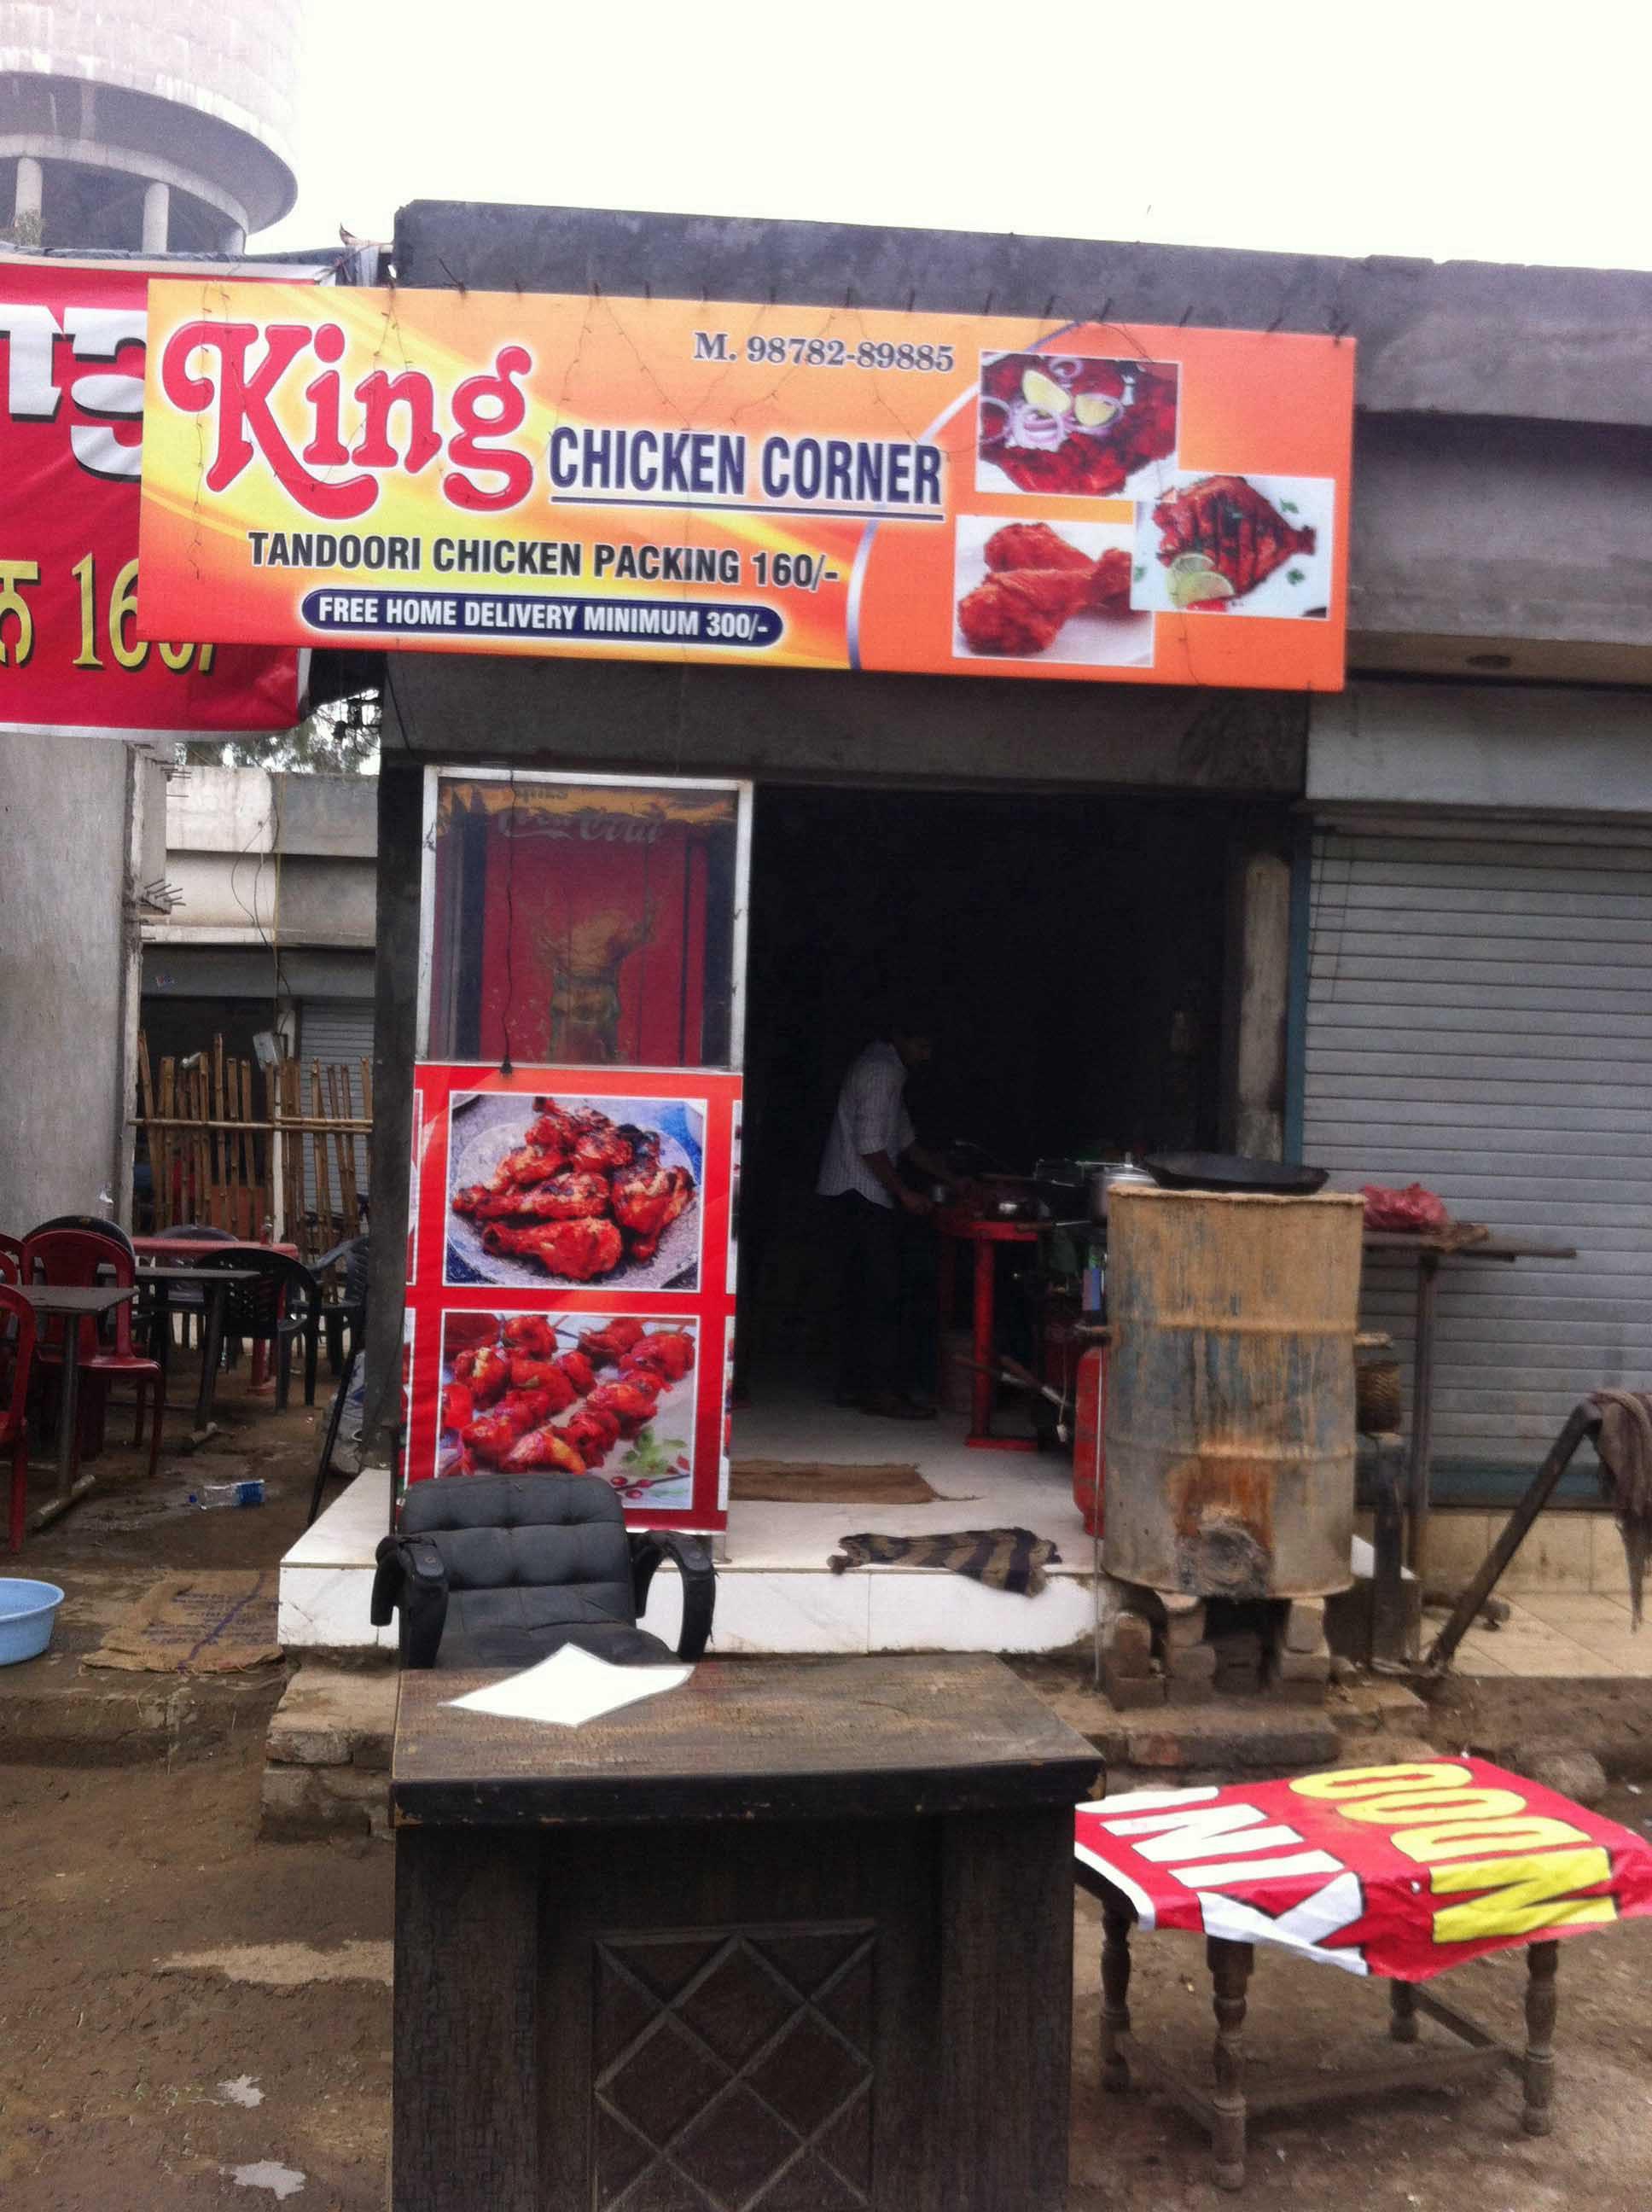 King Chicken Corner - Dugri - Ludhiana Image